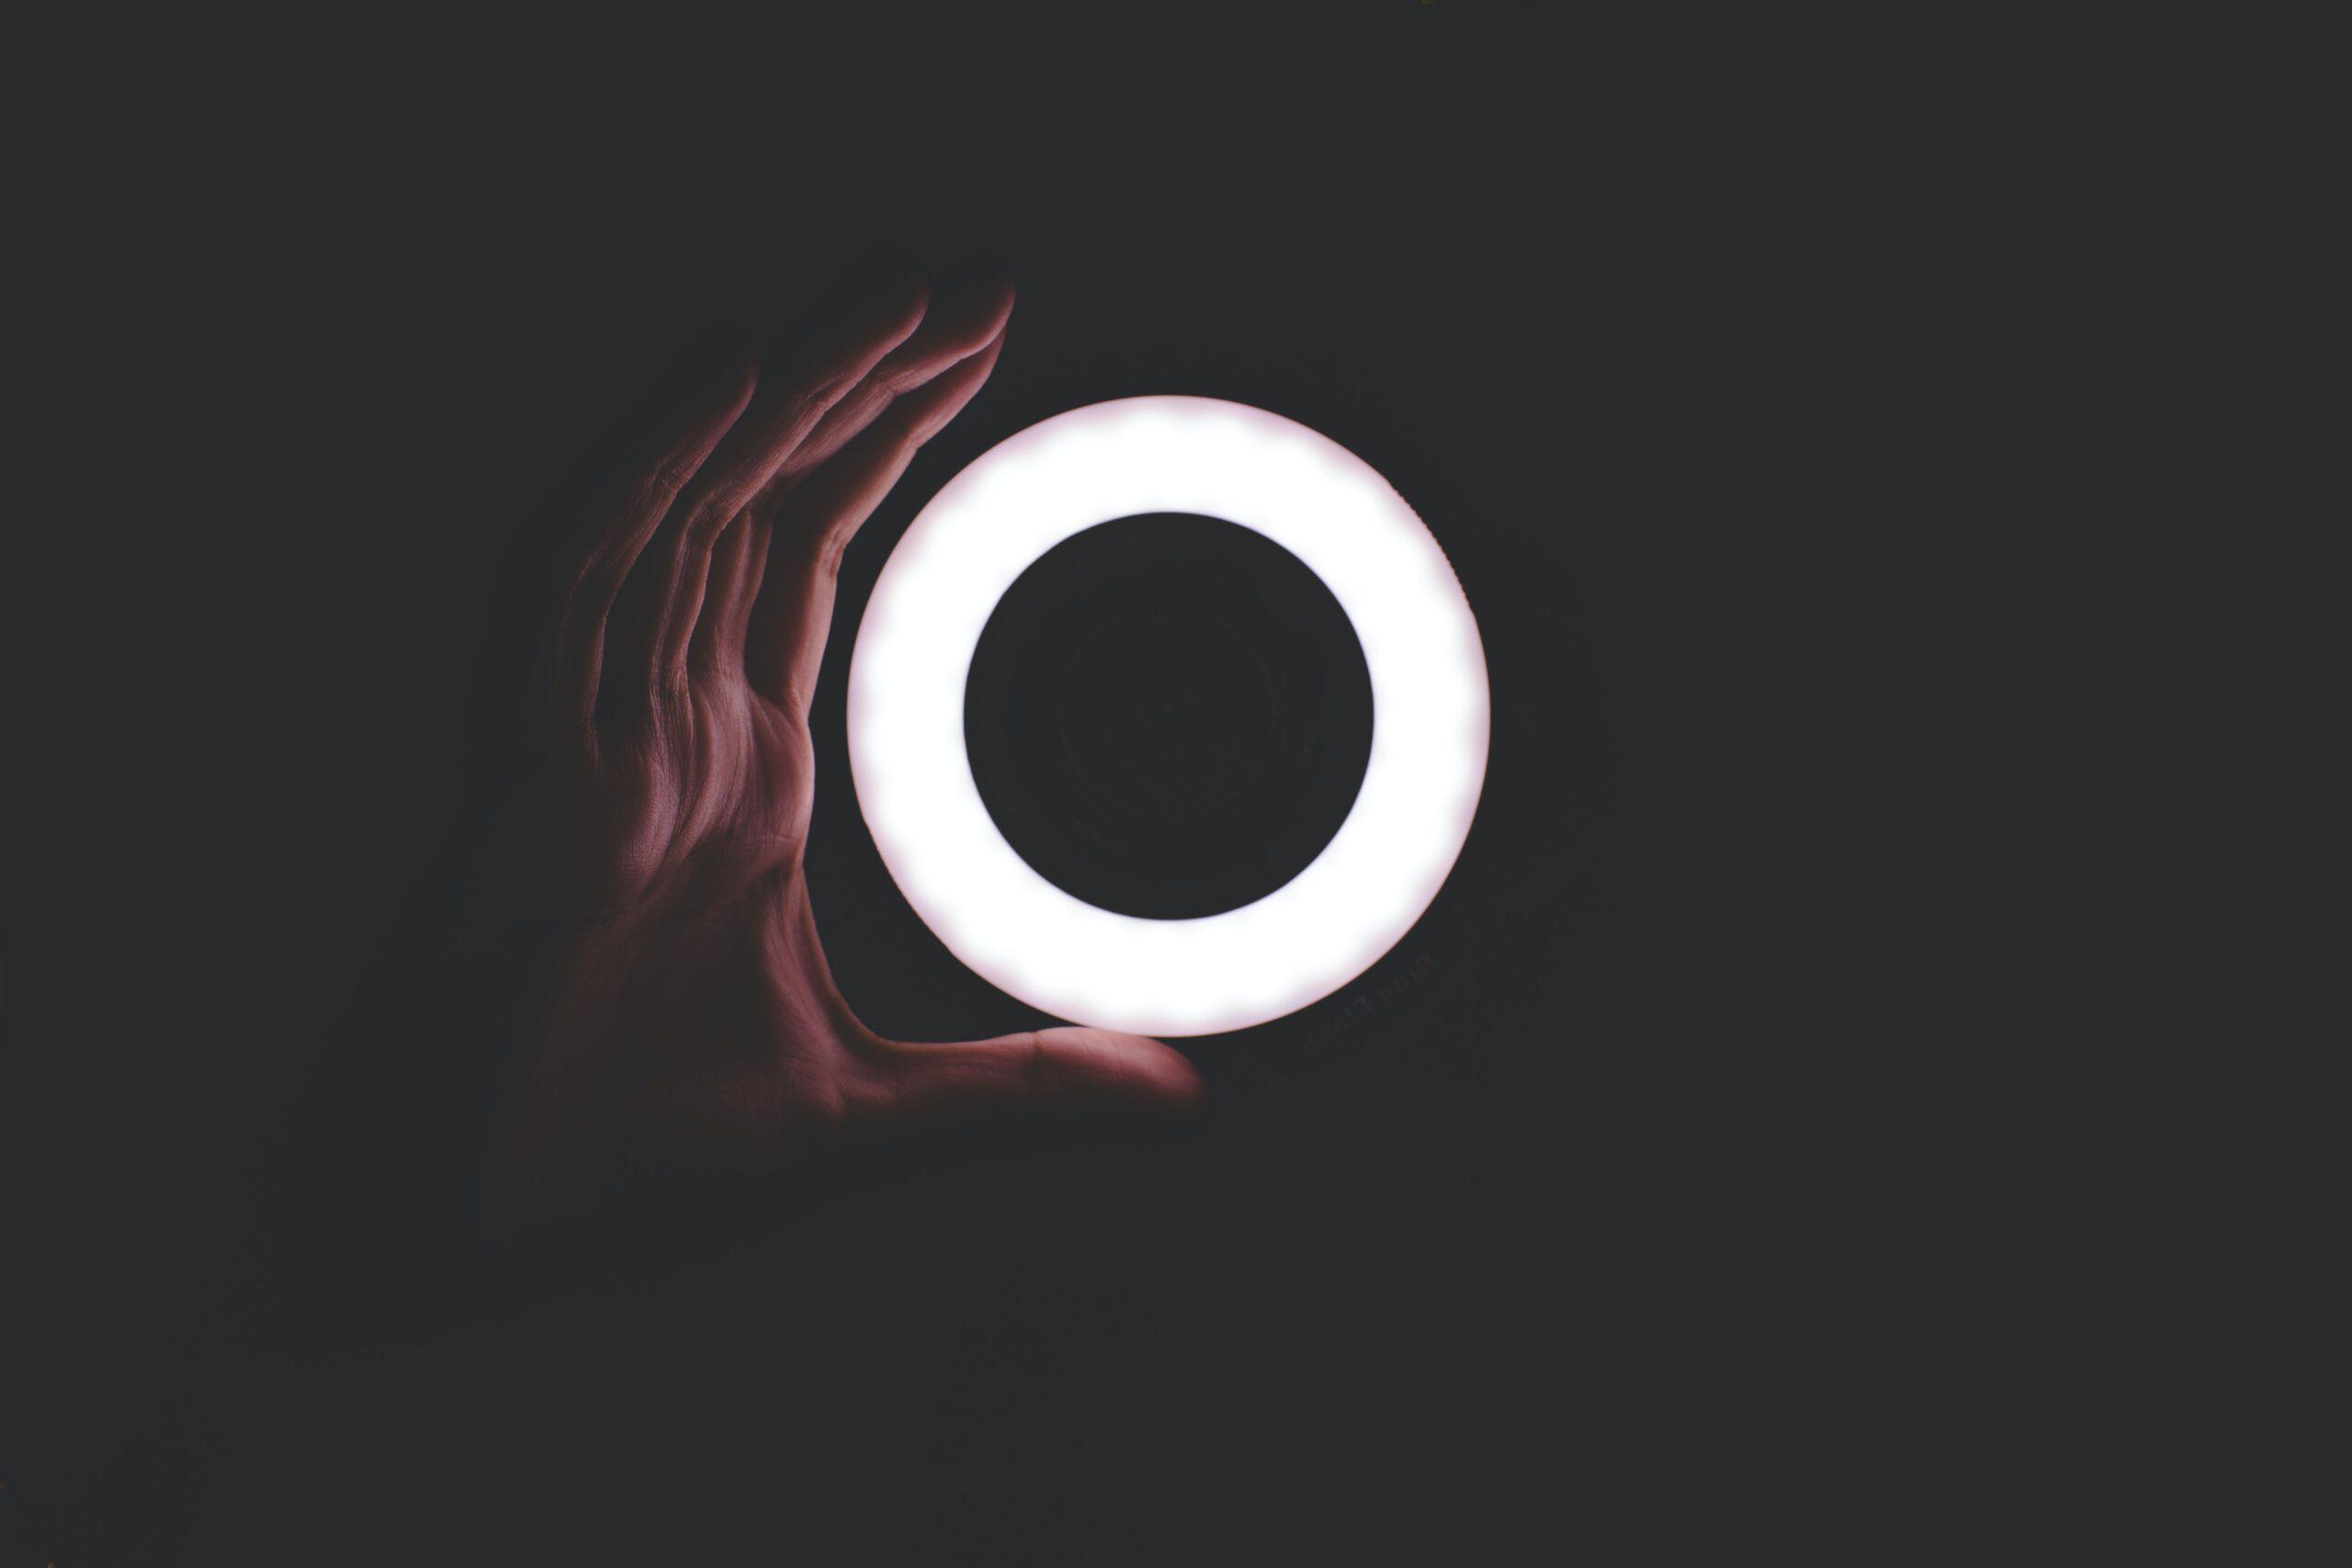 Umstellung Beleuchtung – Spendenaufruf